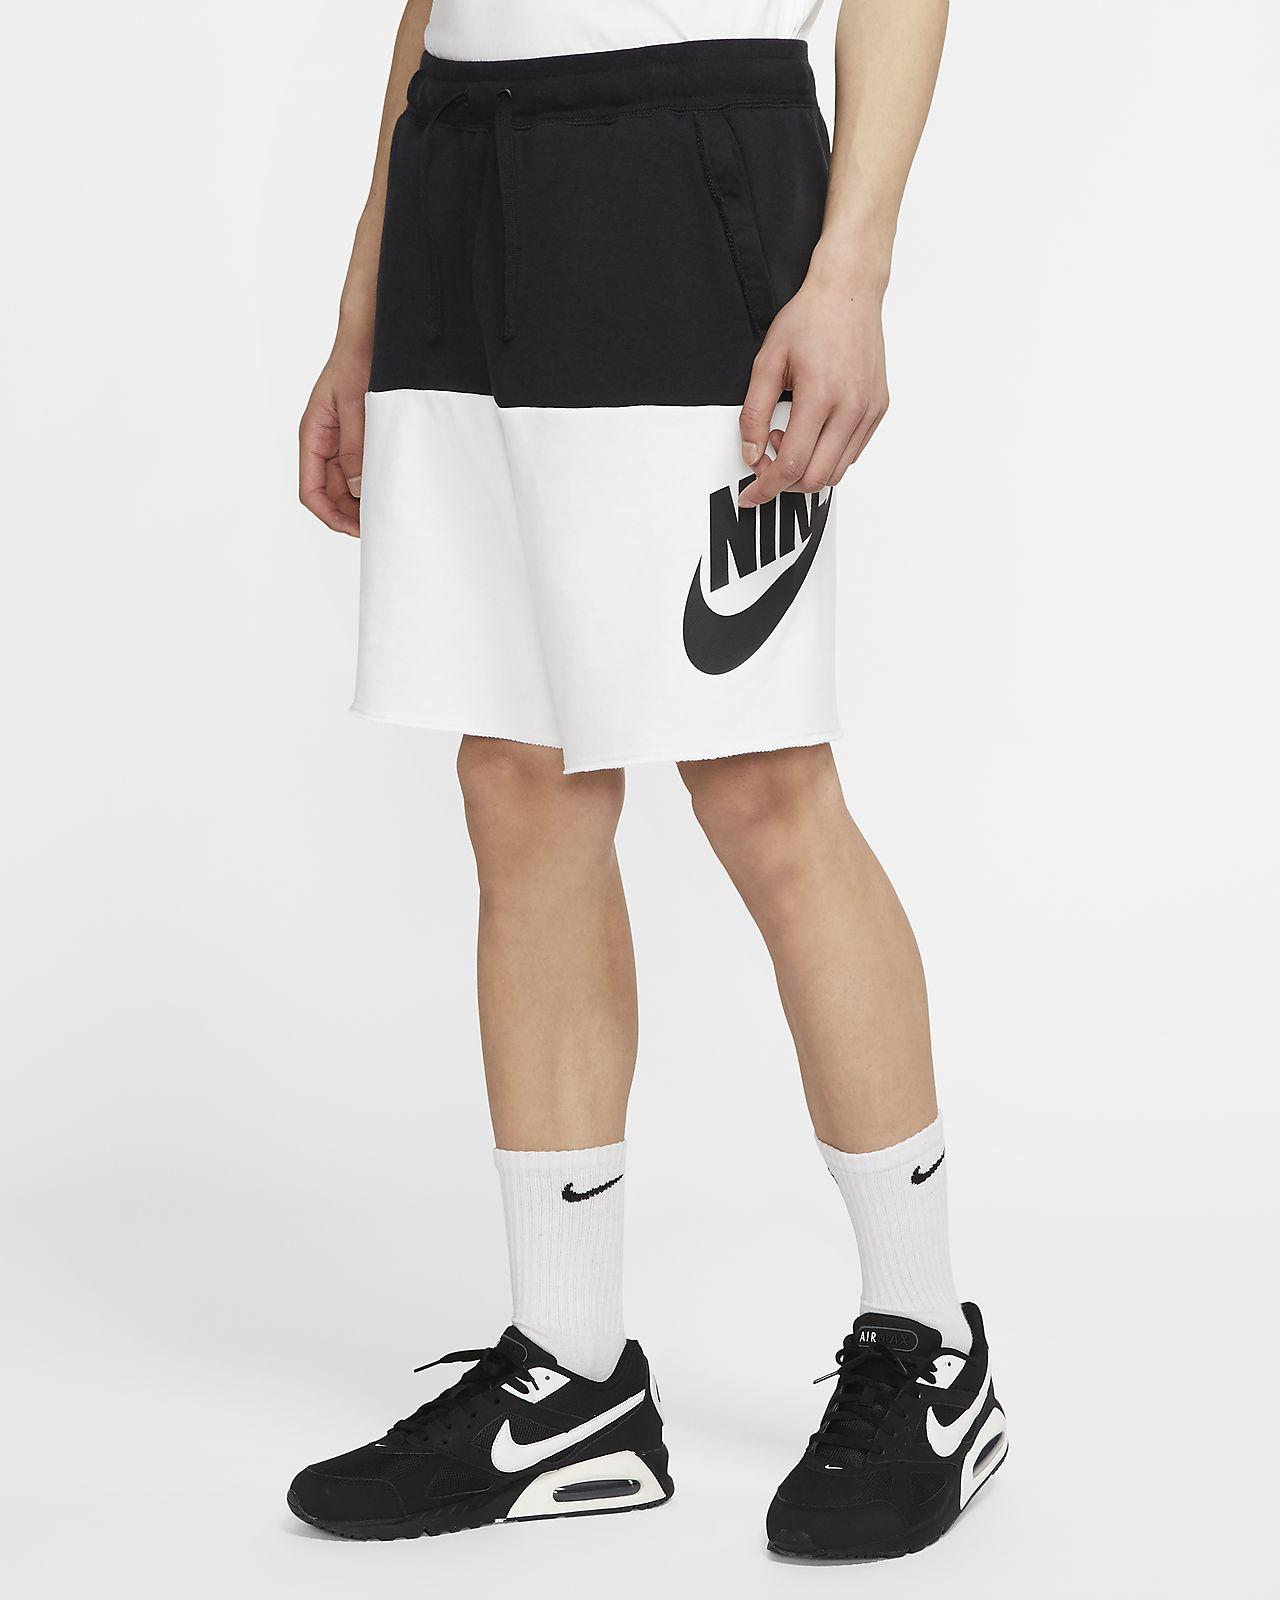 Nike Sportswear Alumni 男子短裤